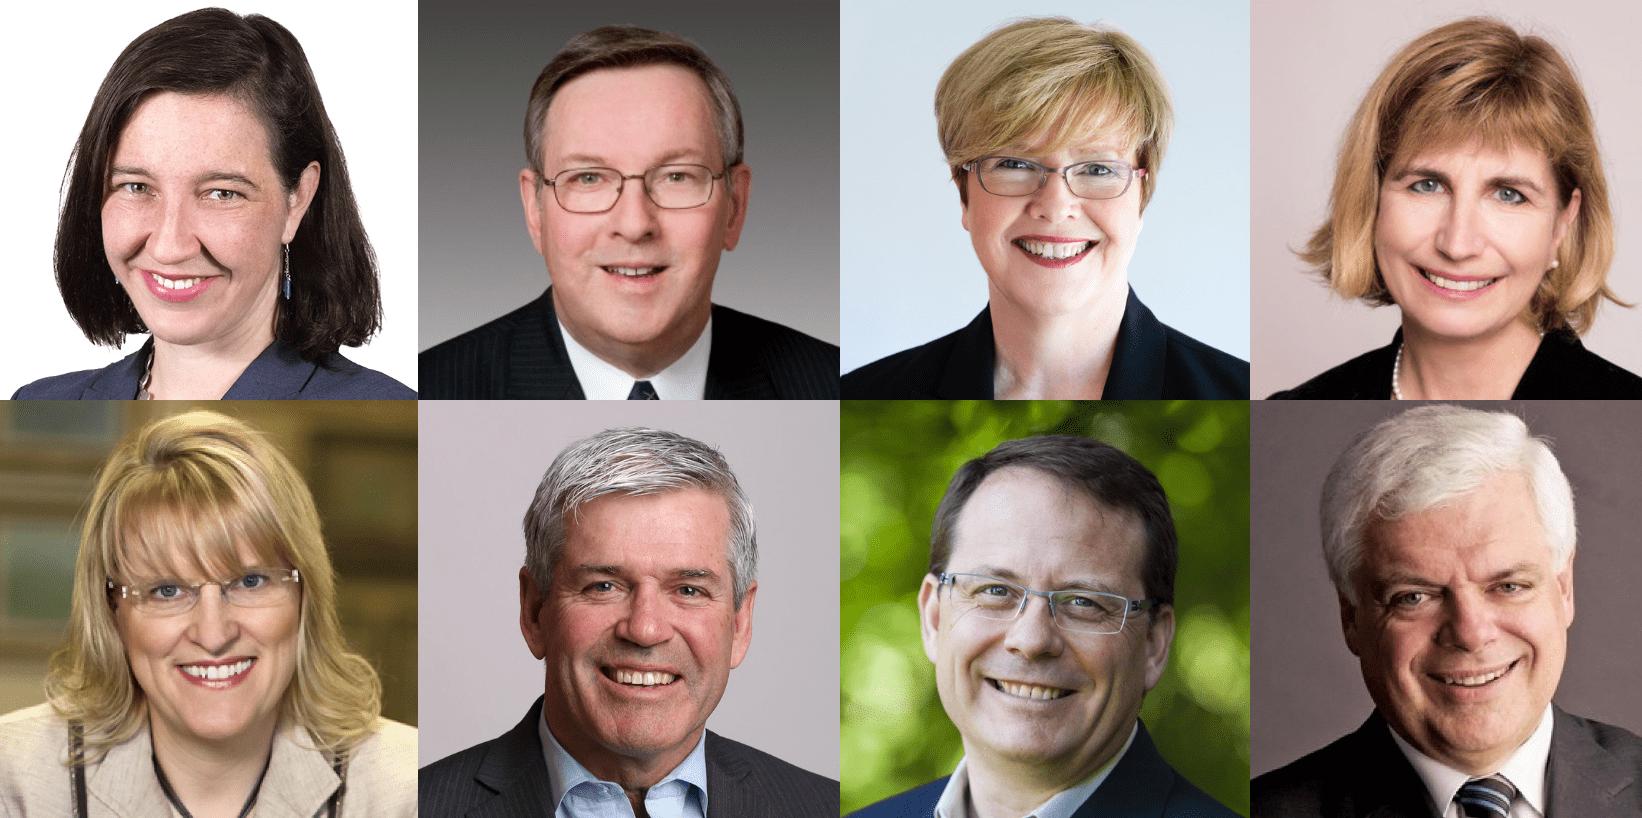 Ontario_6_endorsements-min.png